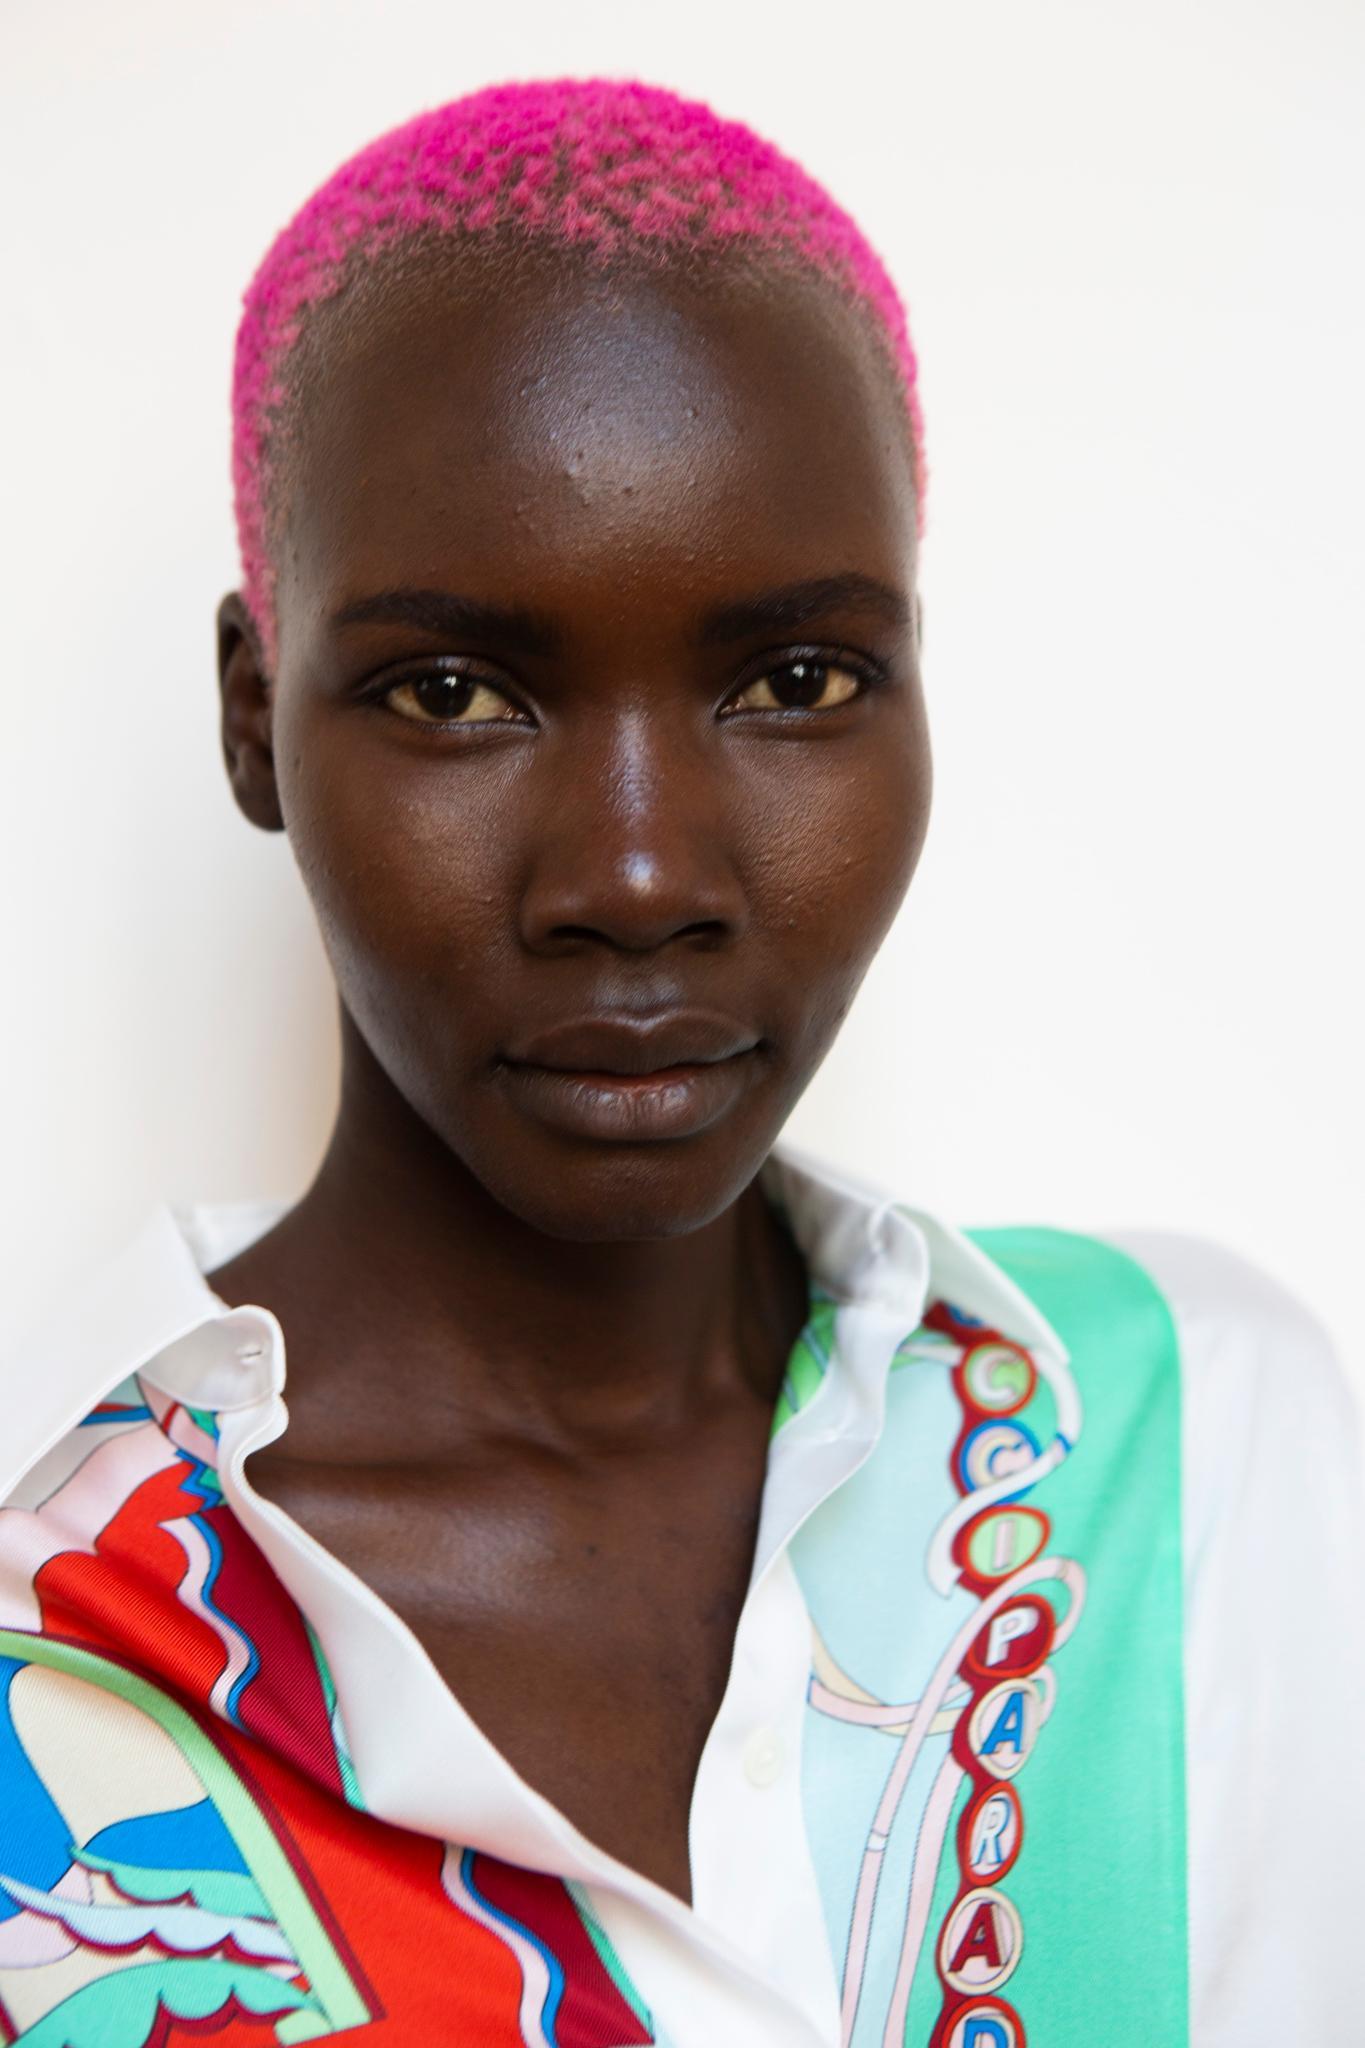 Cheveux noirs courts : Un mannequin noir avec une afro rose rasée.